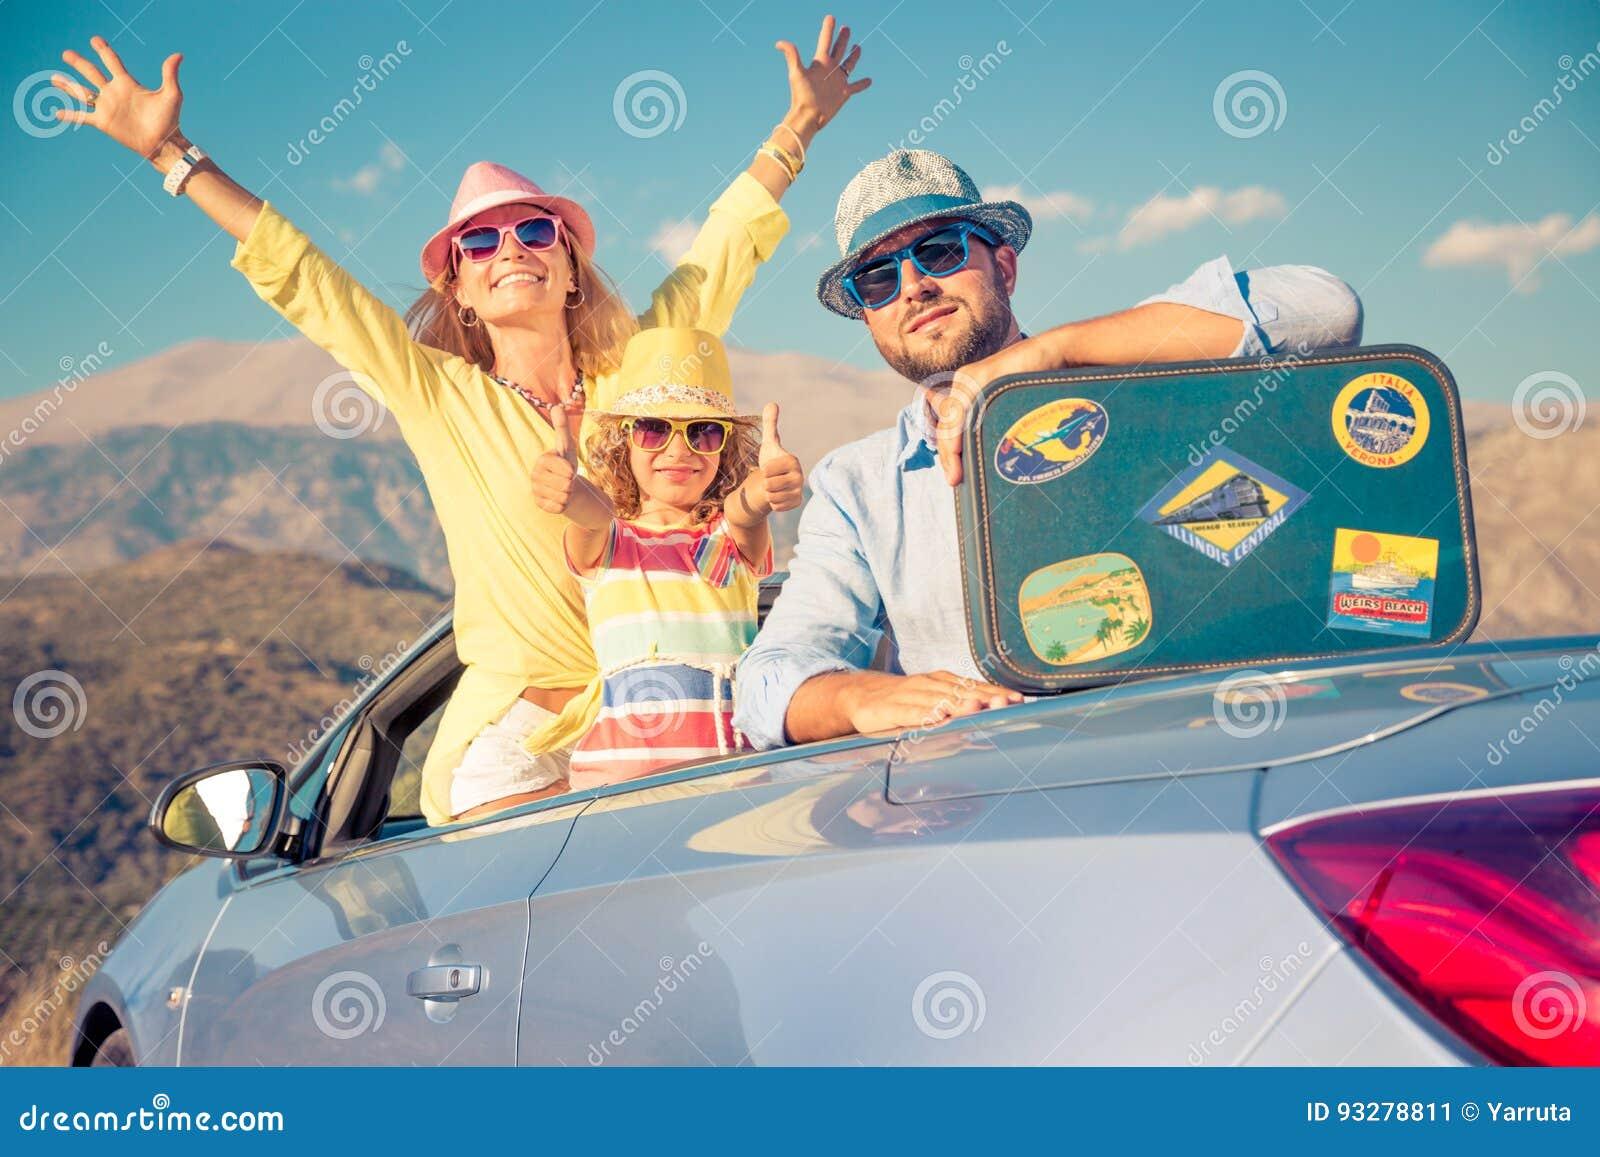 Gelukkige familiereis door auto in de bergen